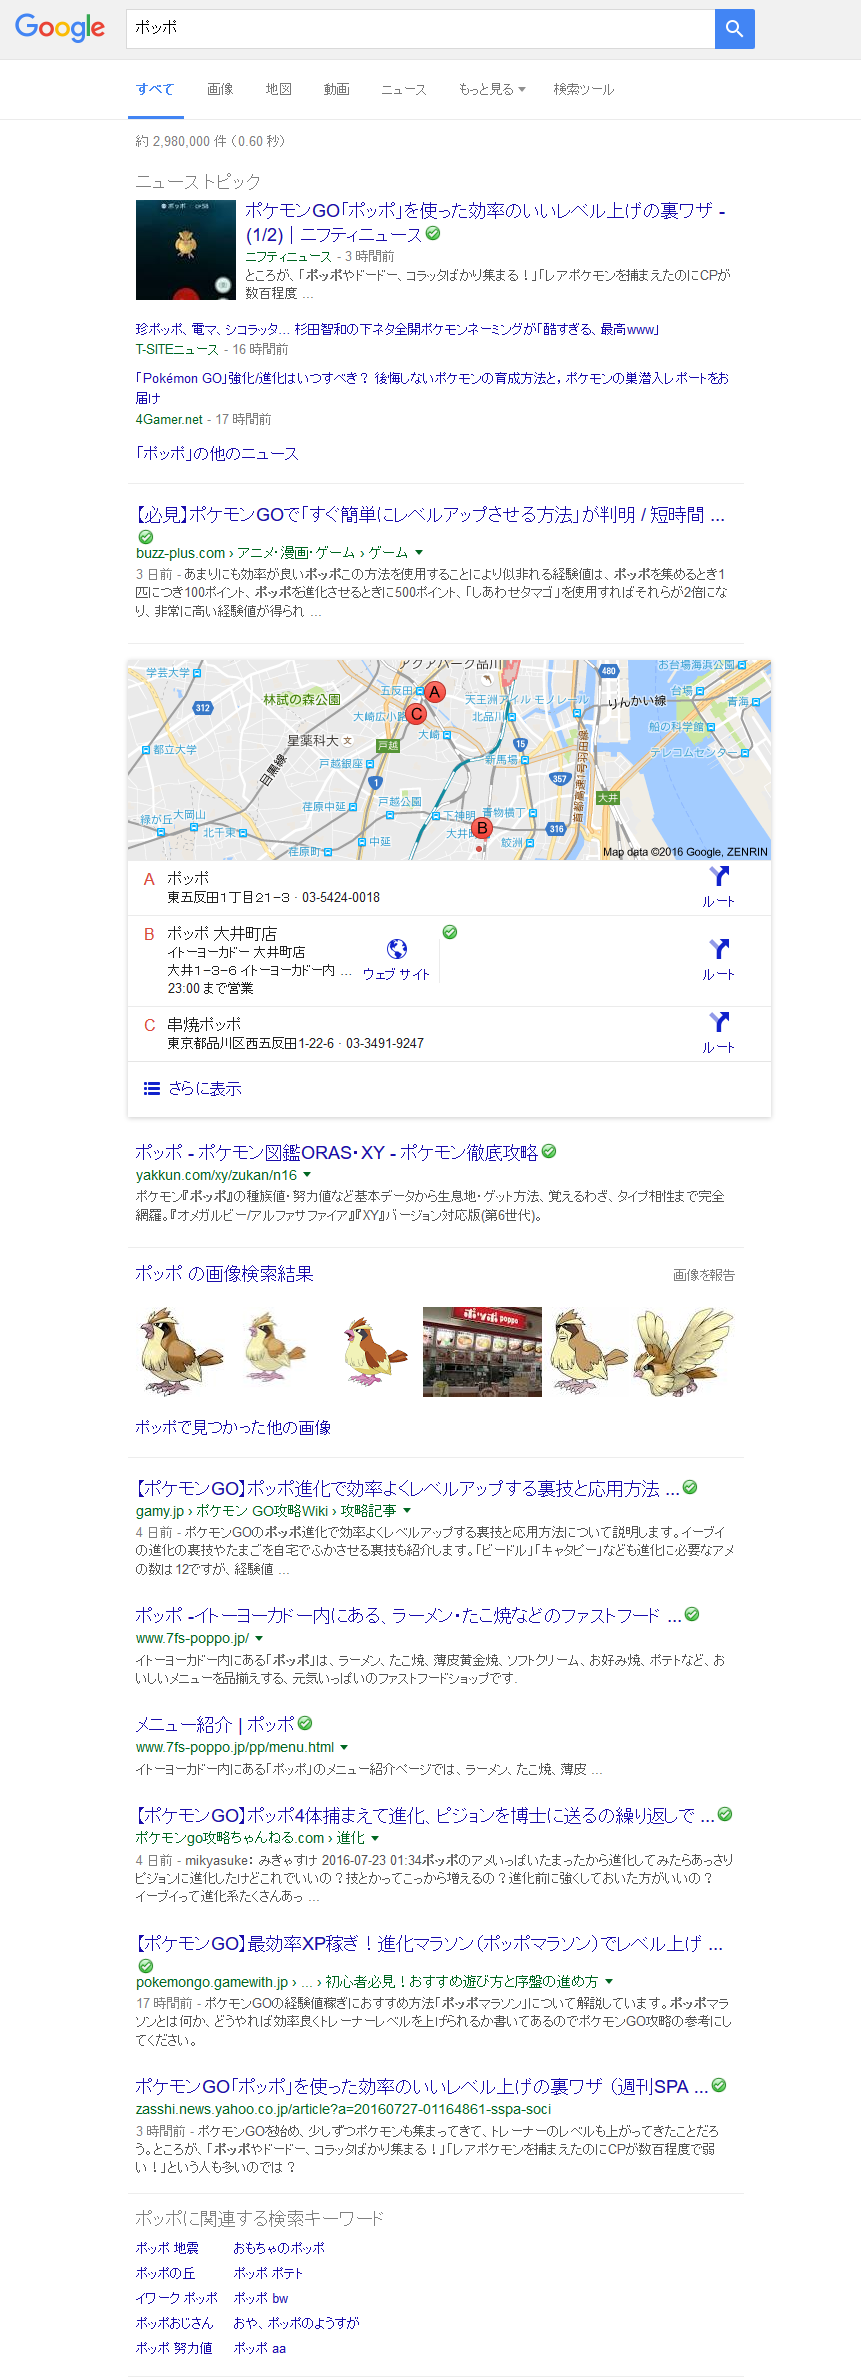 ポッポ - Google 検索_0727付